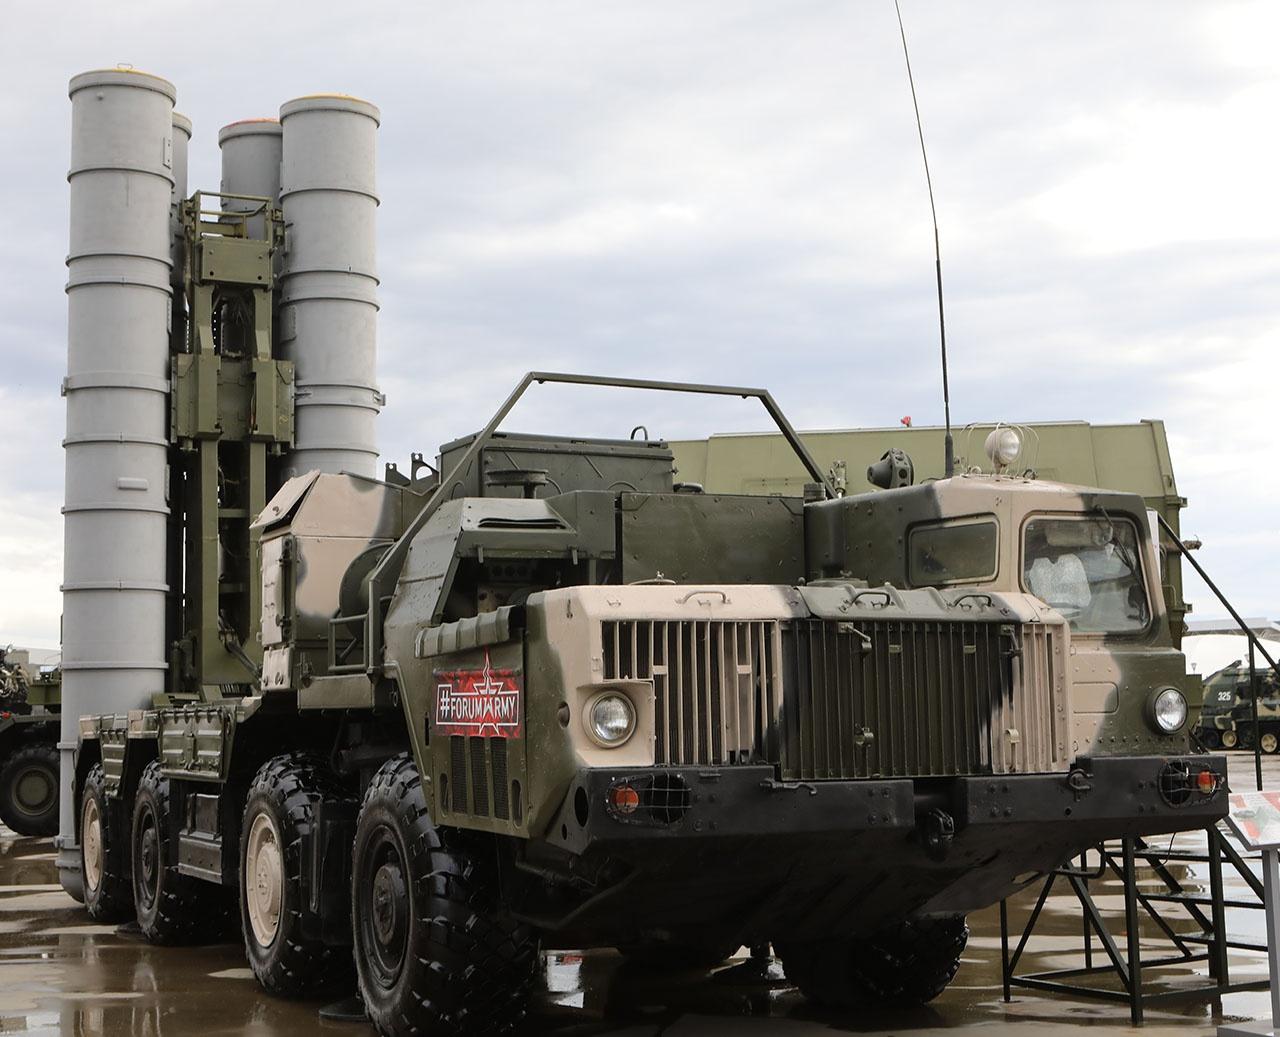 Новейшая РЛС работает в составе зенитной ракетной системы С-400 «Триумф» и войдёт в состав перспективной зенитной ракетной системы С-500 «Прометей».